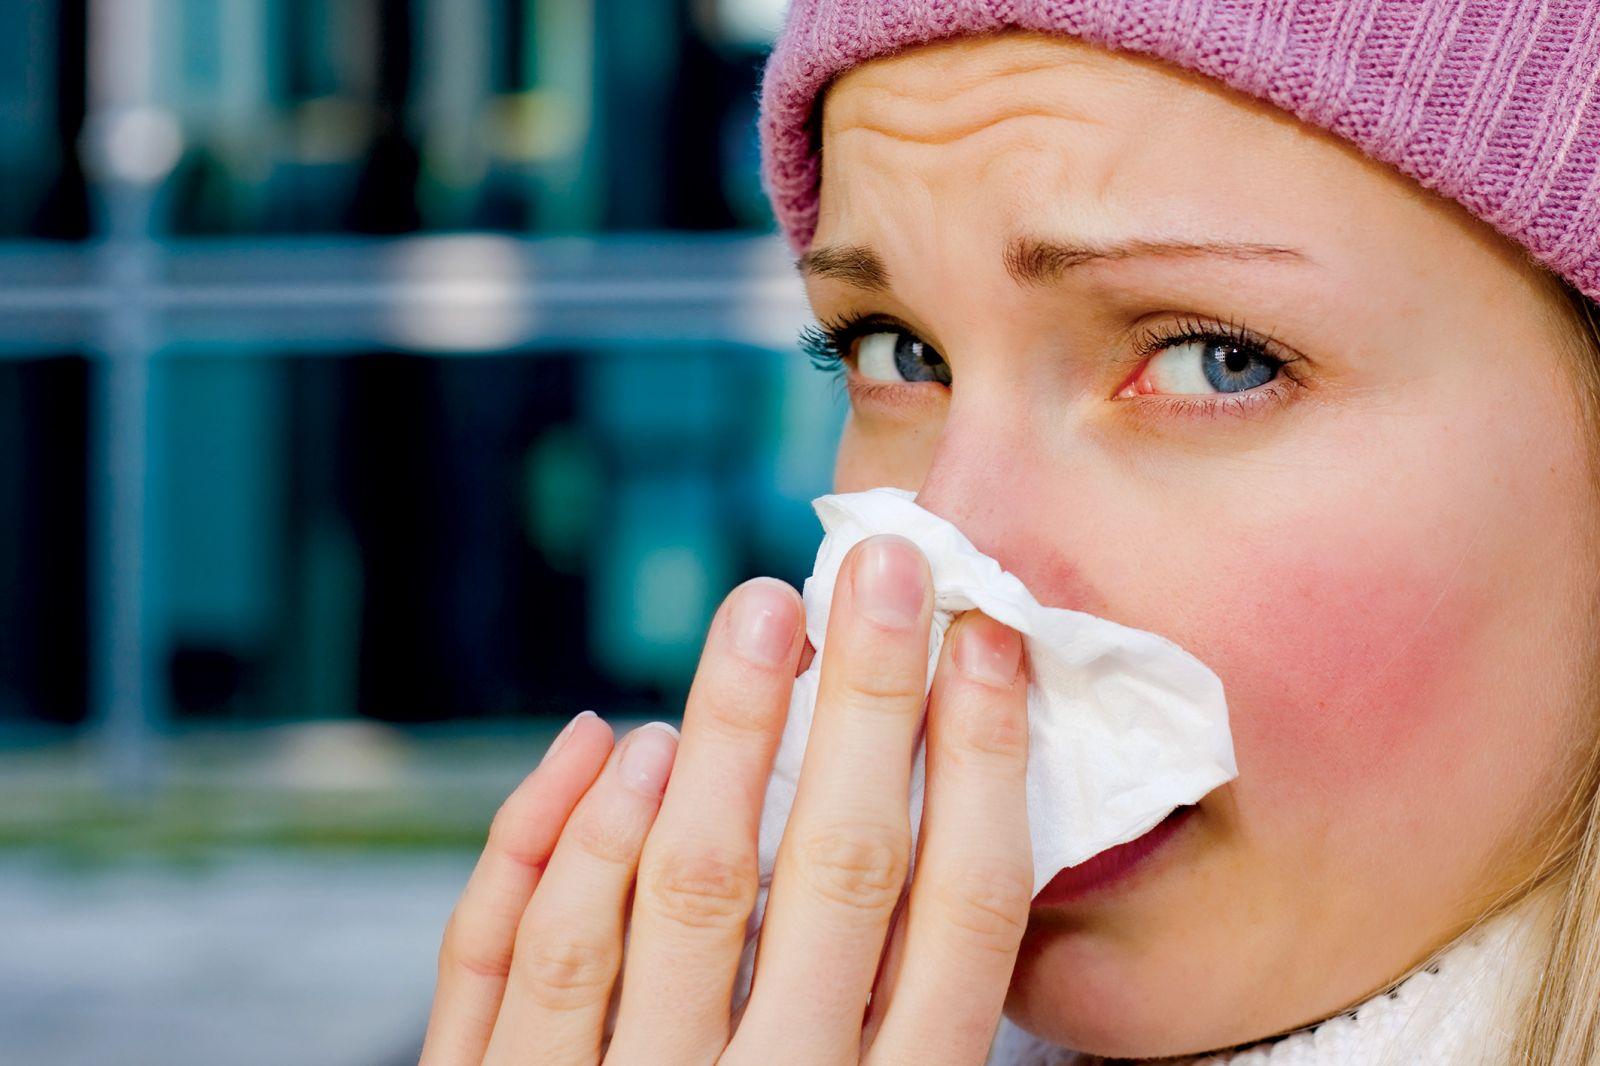 eDoctor - Cực hình sau khi mắc COVID-19: không còn cảm nhận được mùi hương